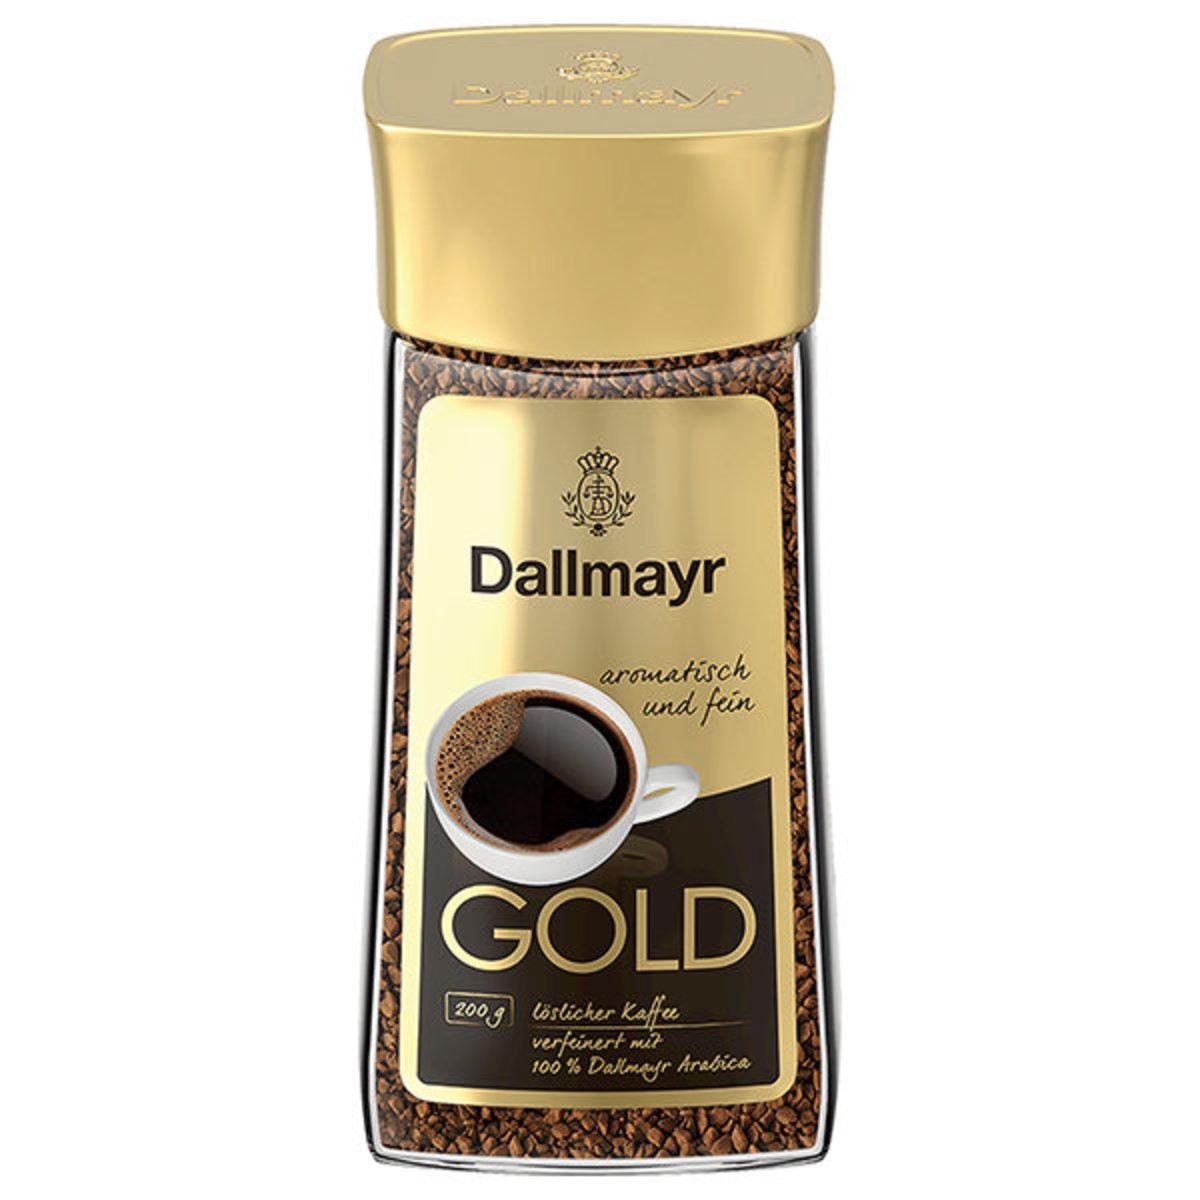 德國金牌即沖咖啡- 200g (平行進口)